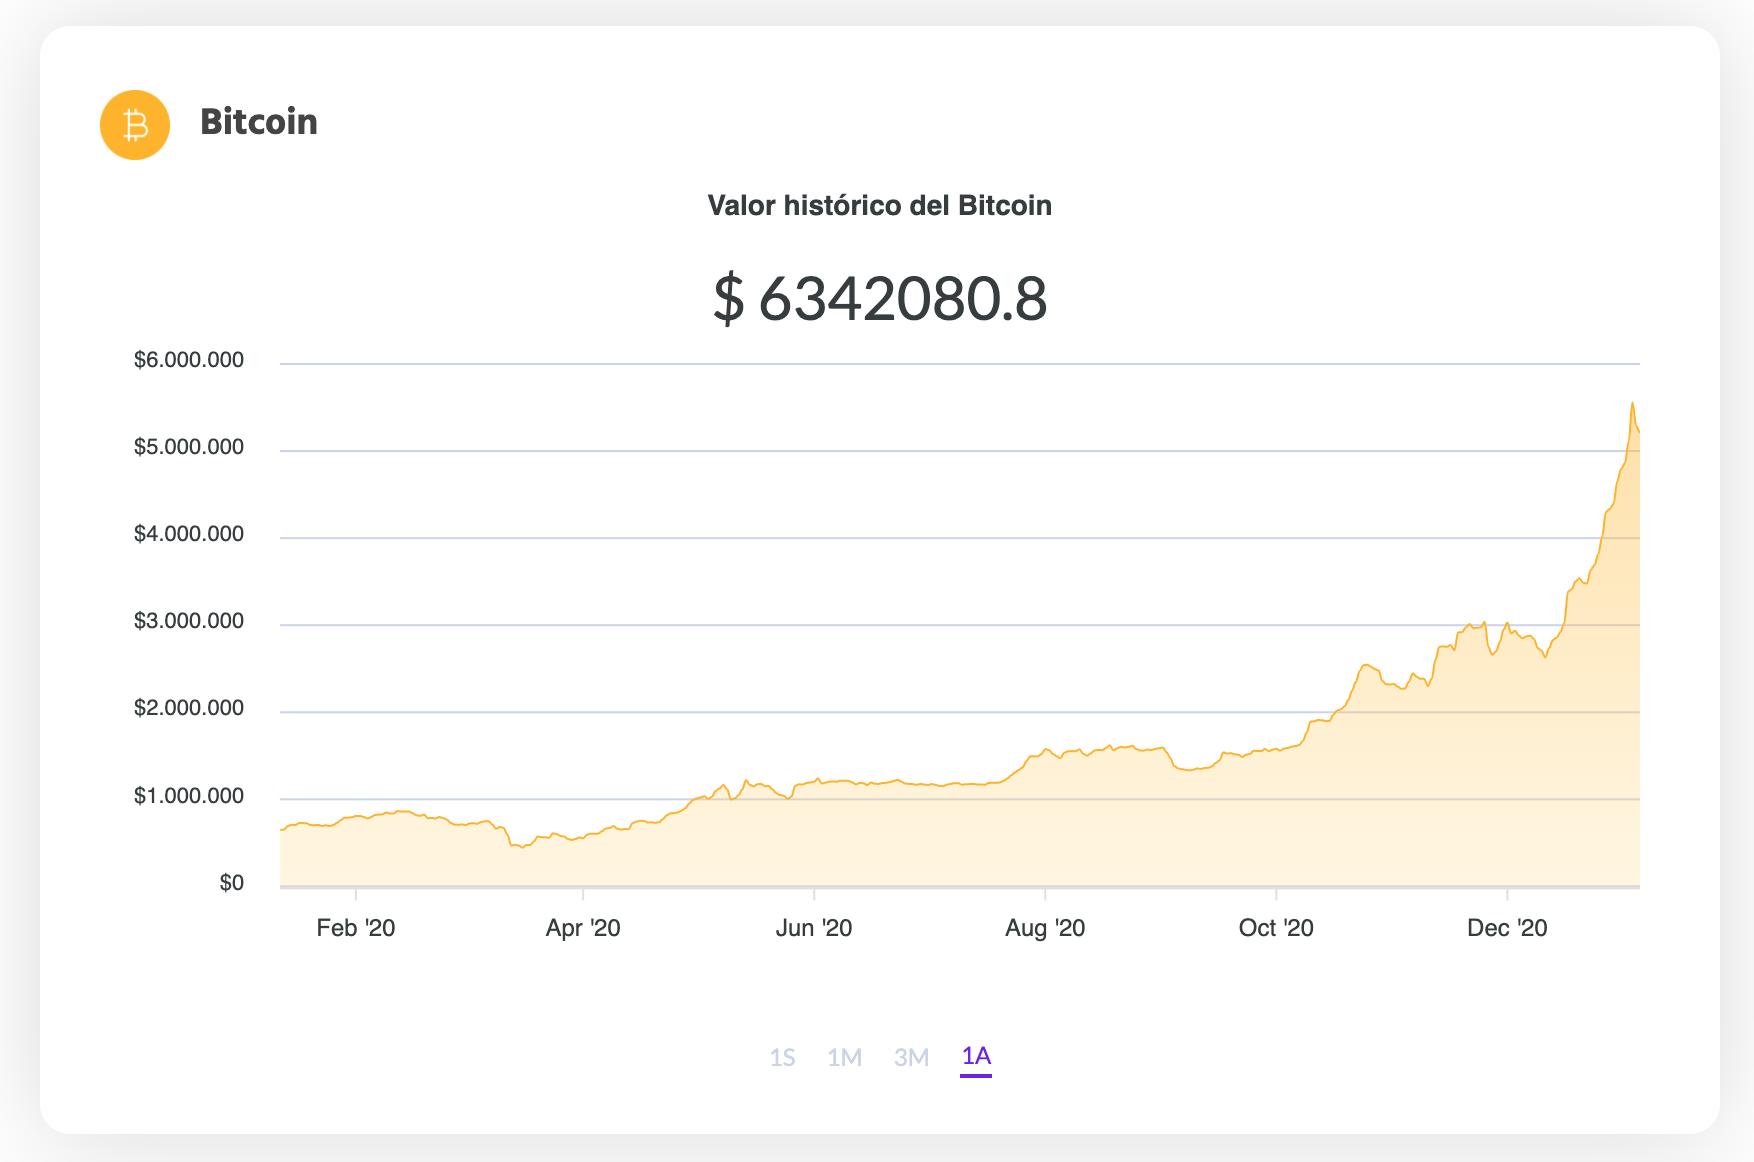 La variación del precio del Bitcoin en pesos en el último año. Fuente: Ripio.